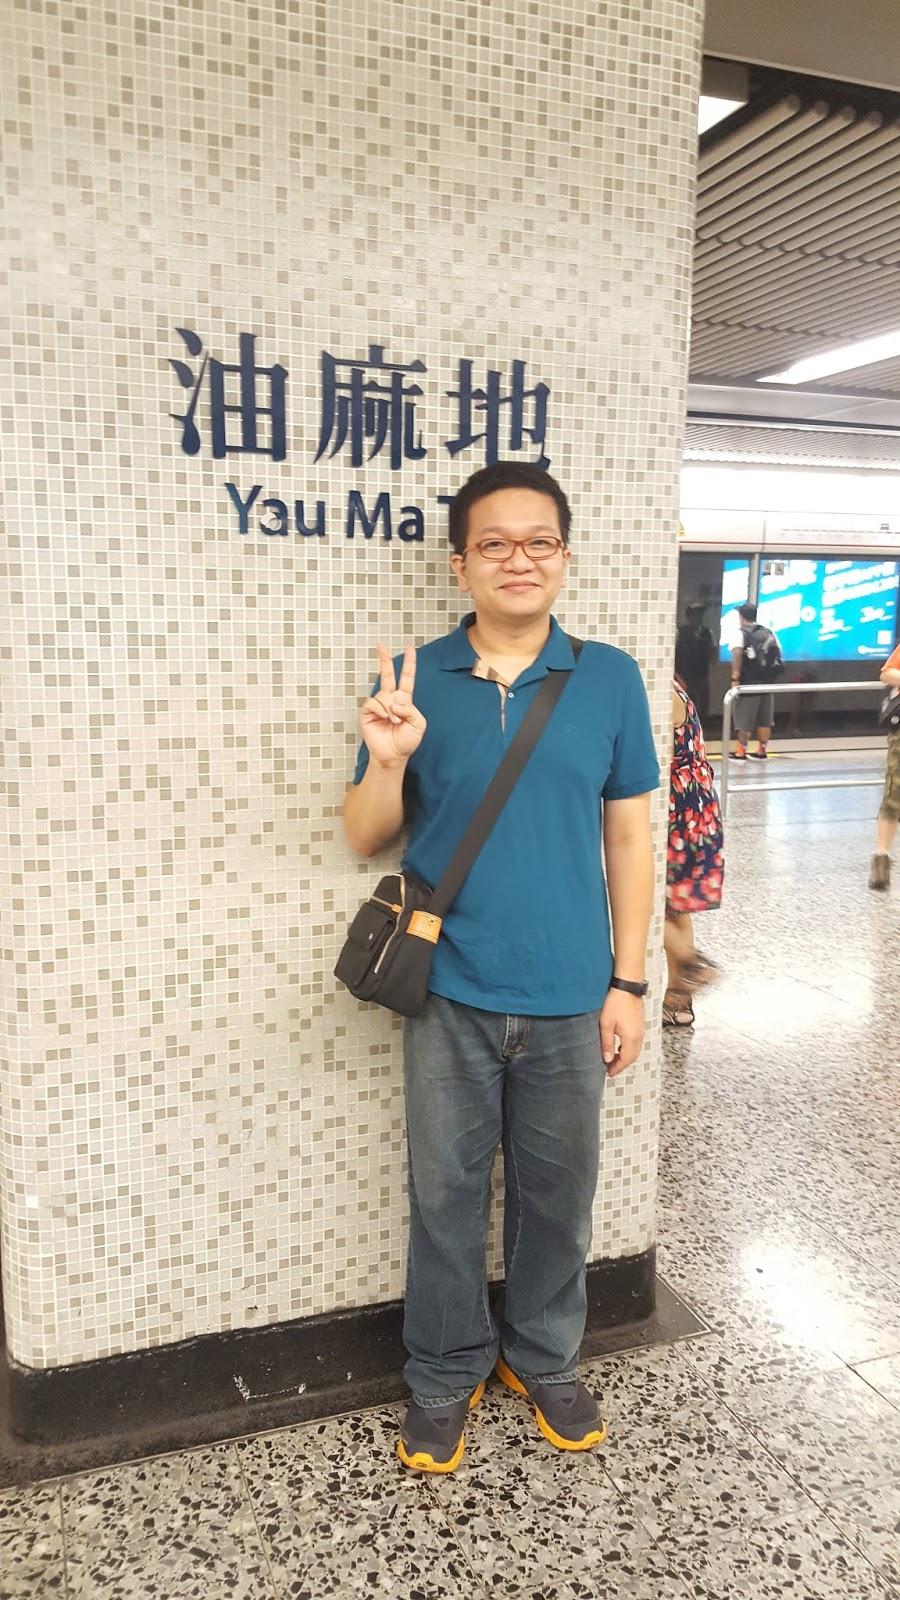 香港地鐵-油麻地